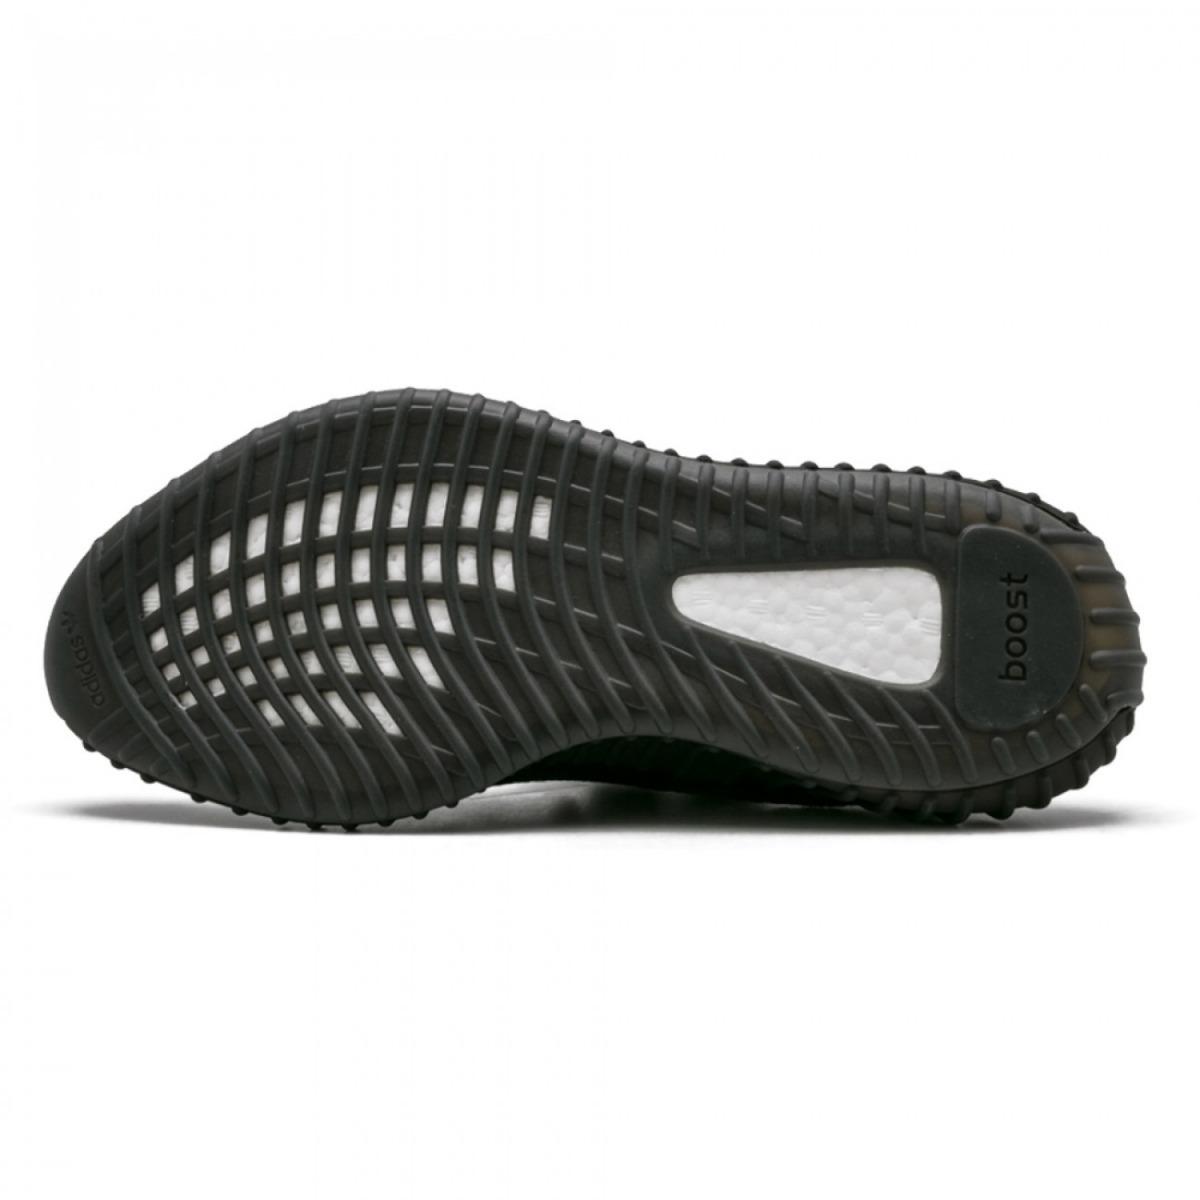 14c7466d9bd91 tênis adidas yeezy boost 350 v2 original. Carregando zoom.